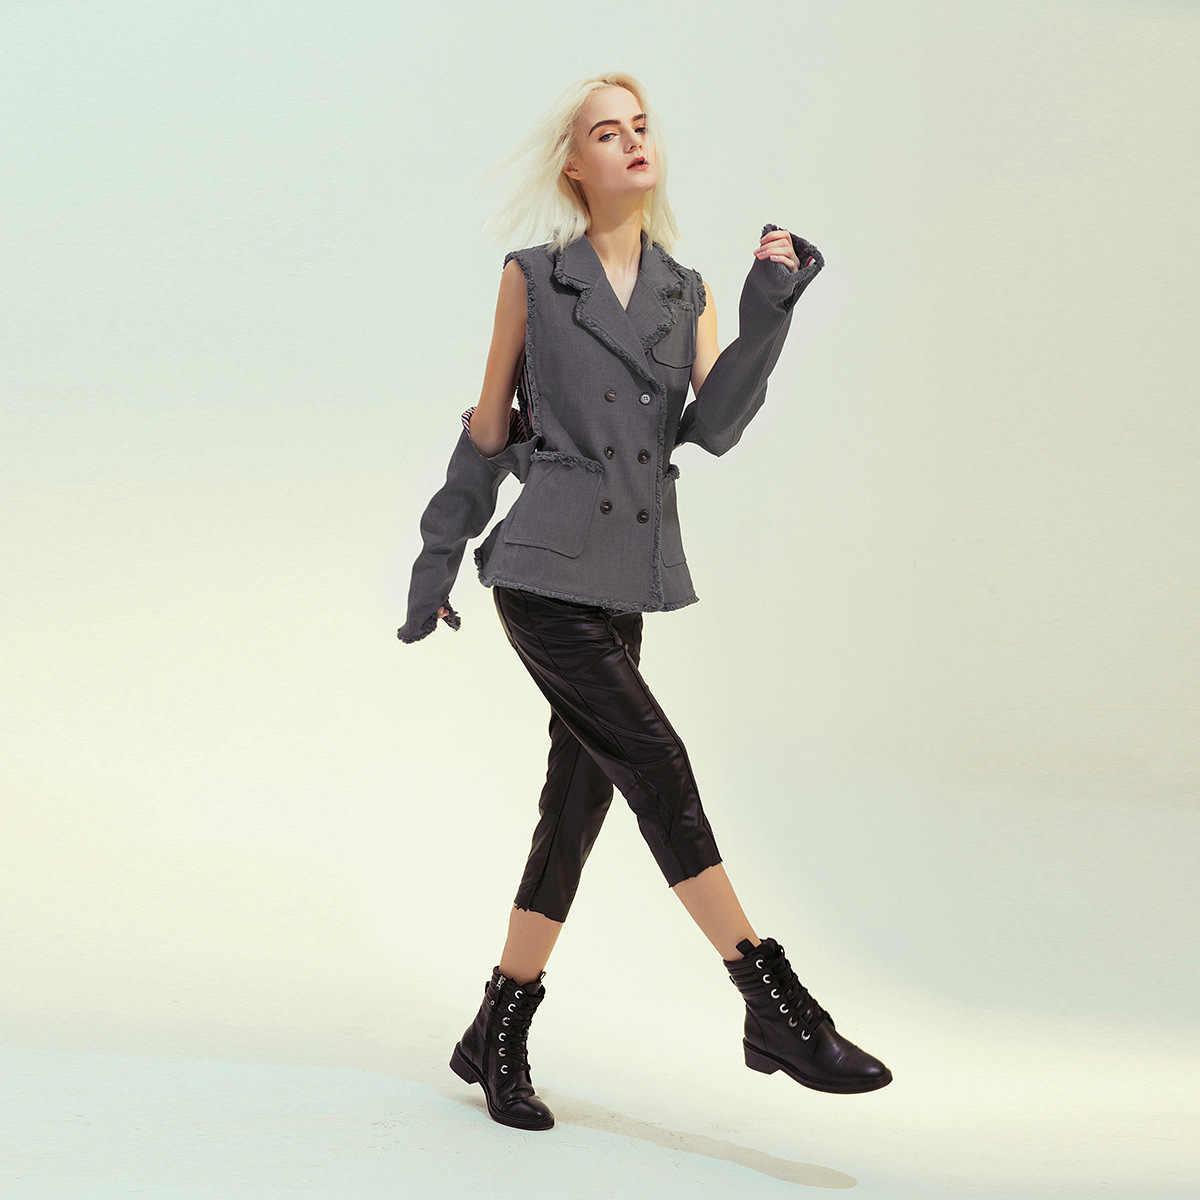 Демисезонная женская одежда, потертые двубортные блейзеры с открытыми плечами, костюм с рукавами и серым соединением, куртка с длинными рукавами, пальто